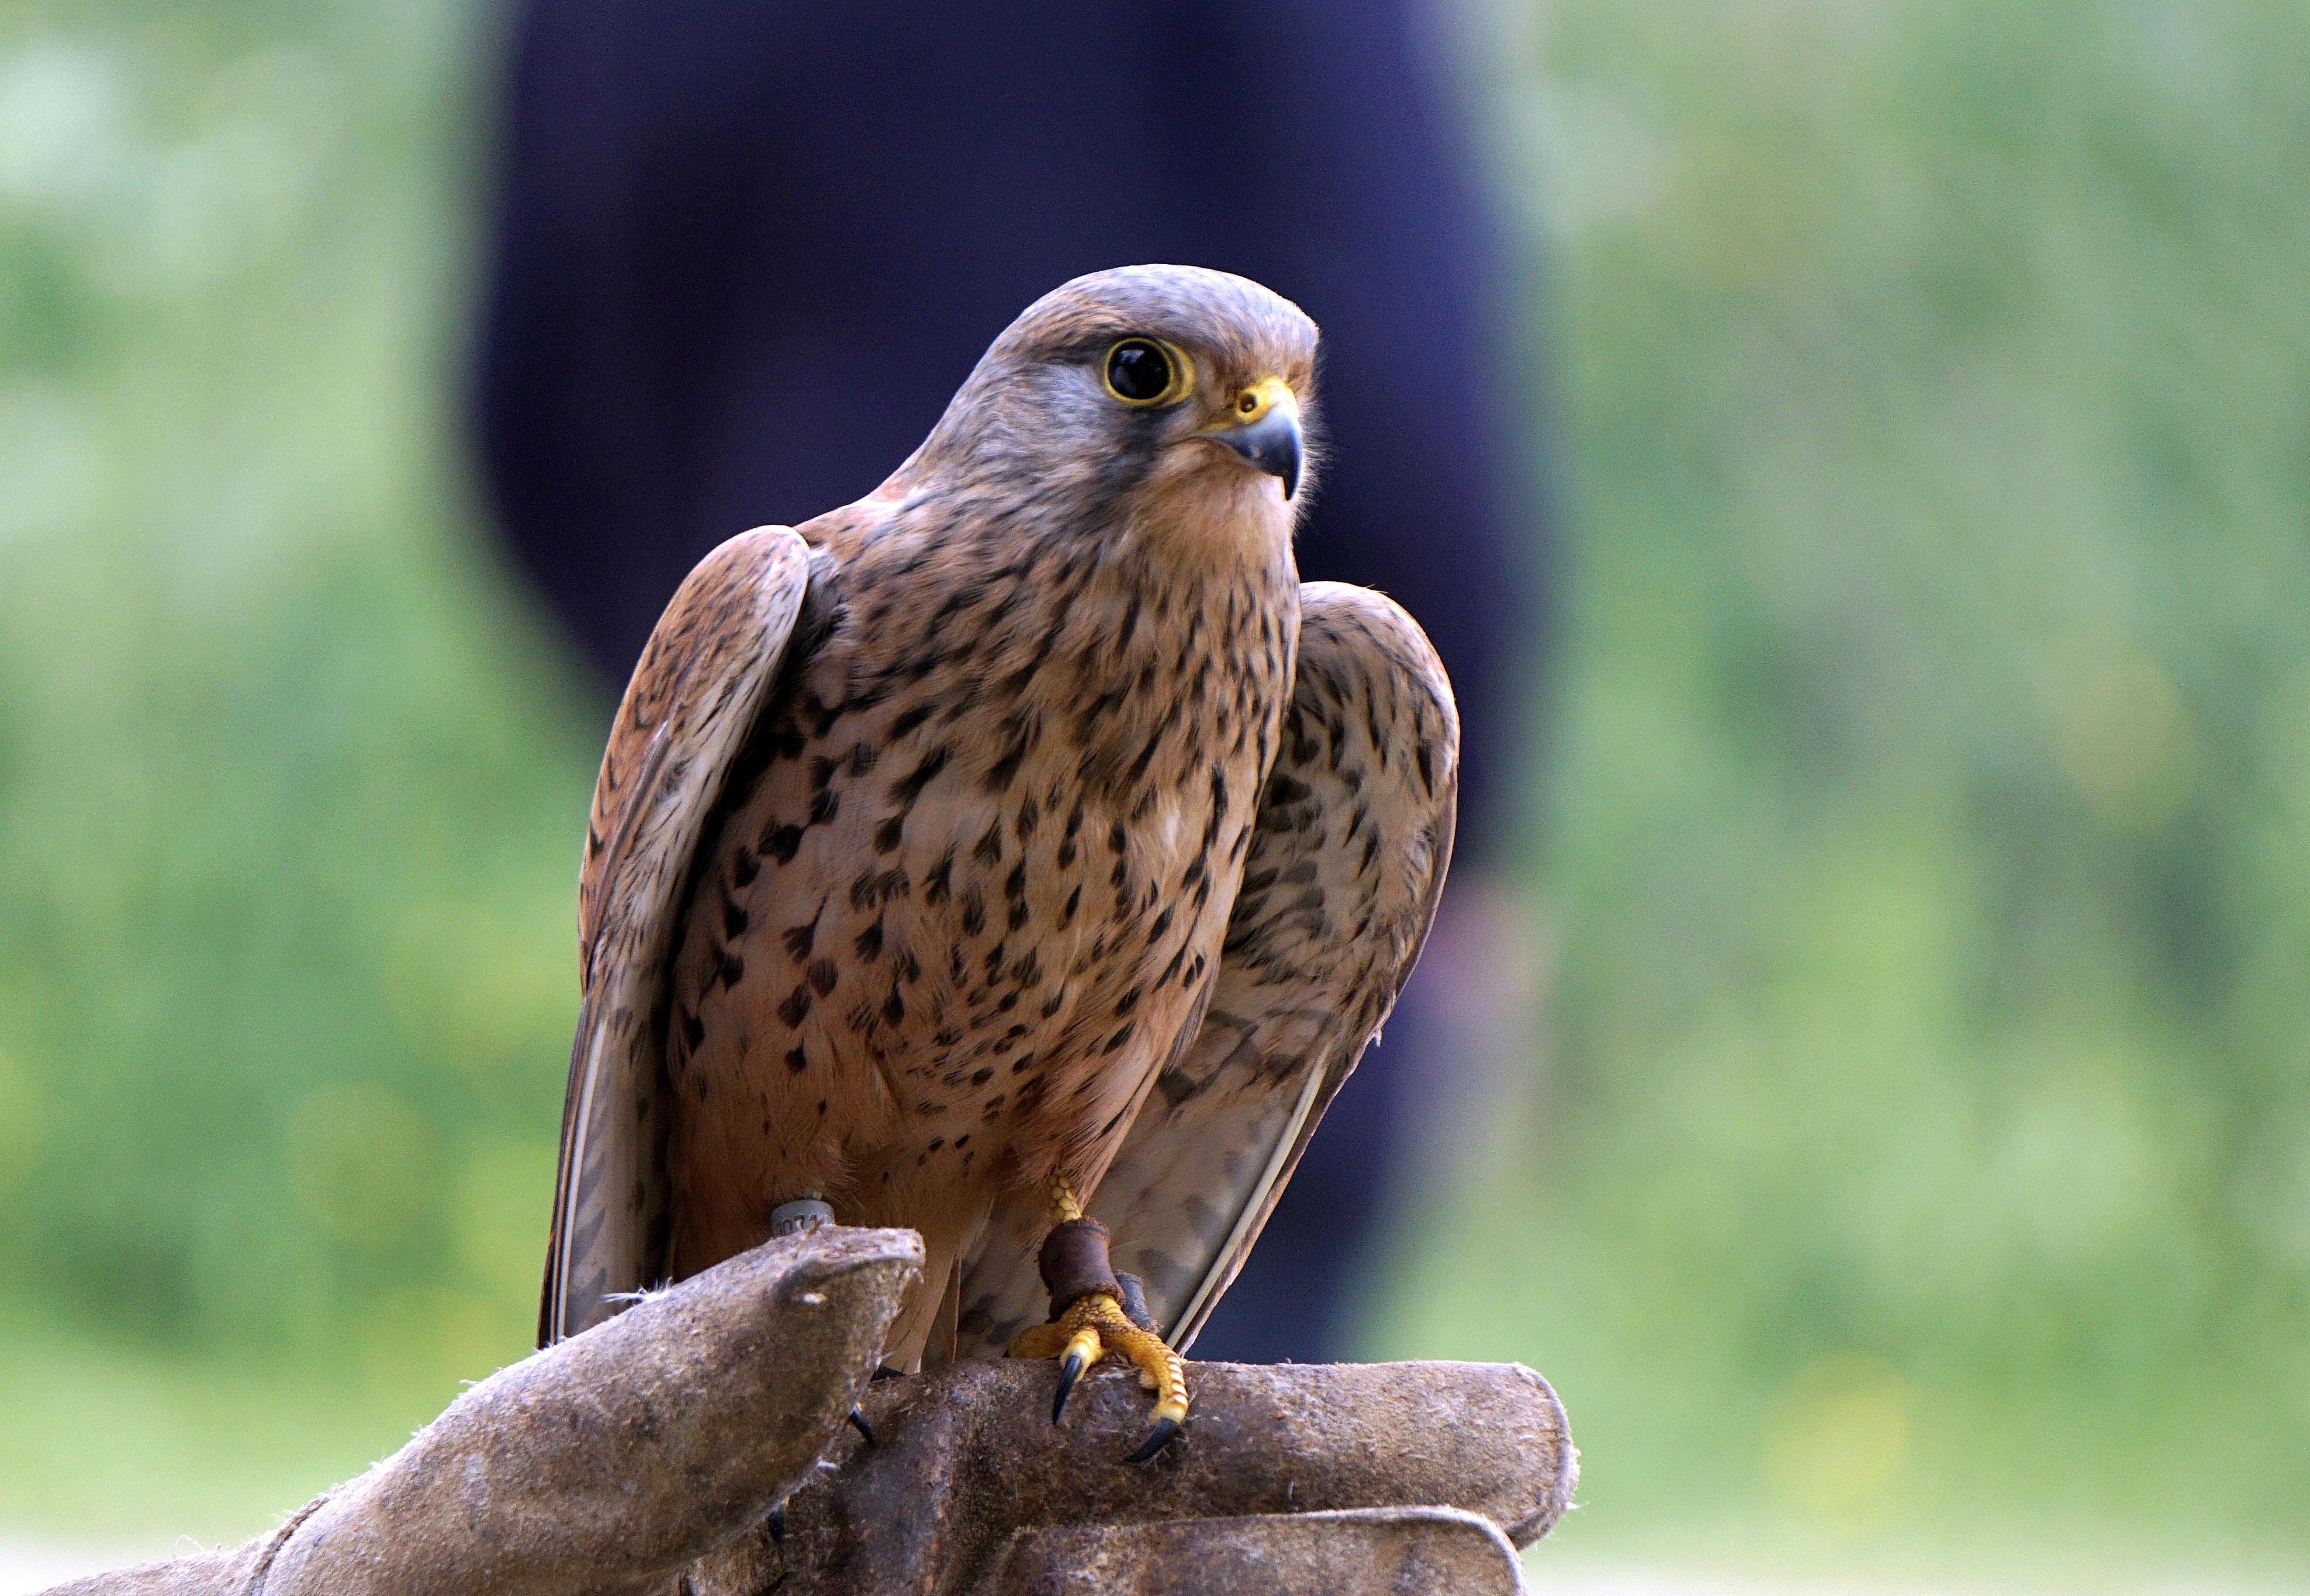 banco de imagens pássaro pico animal animais selvagens bico